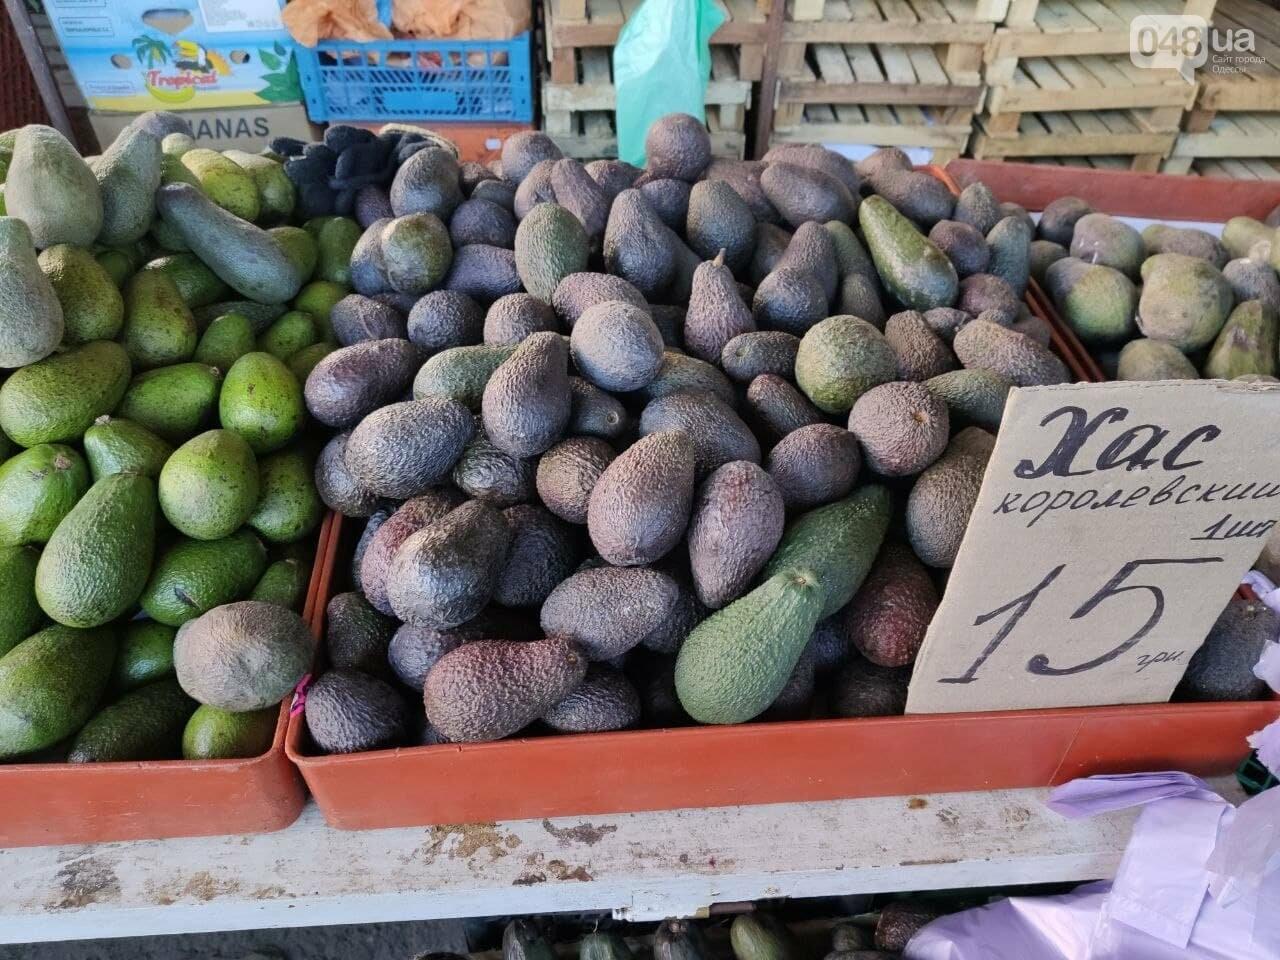 Молодой картофель, клубника, кабачки: почем на одесском Привозе овощи и фрукты, - ФОТО, фото-5